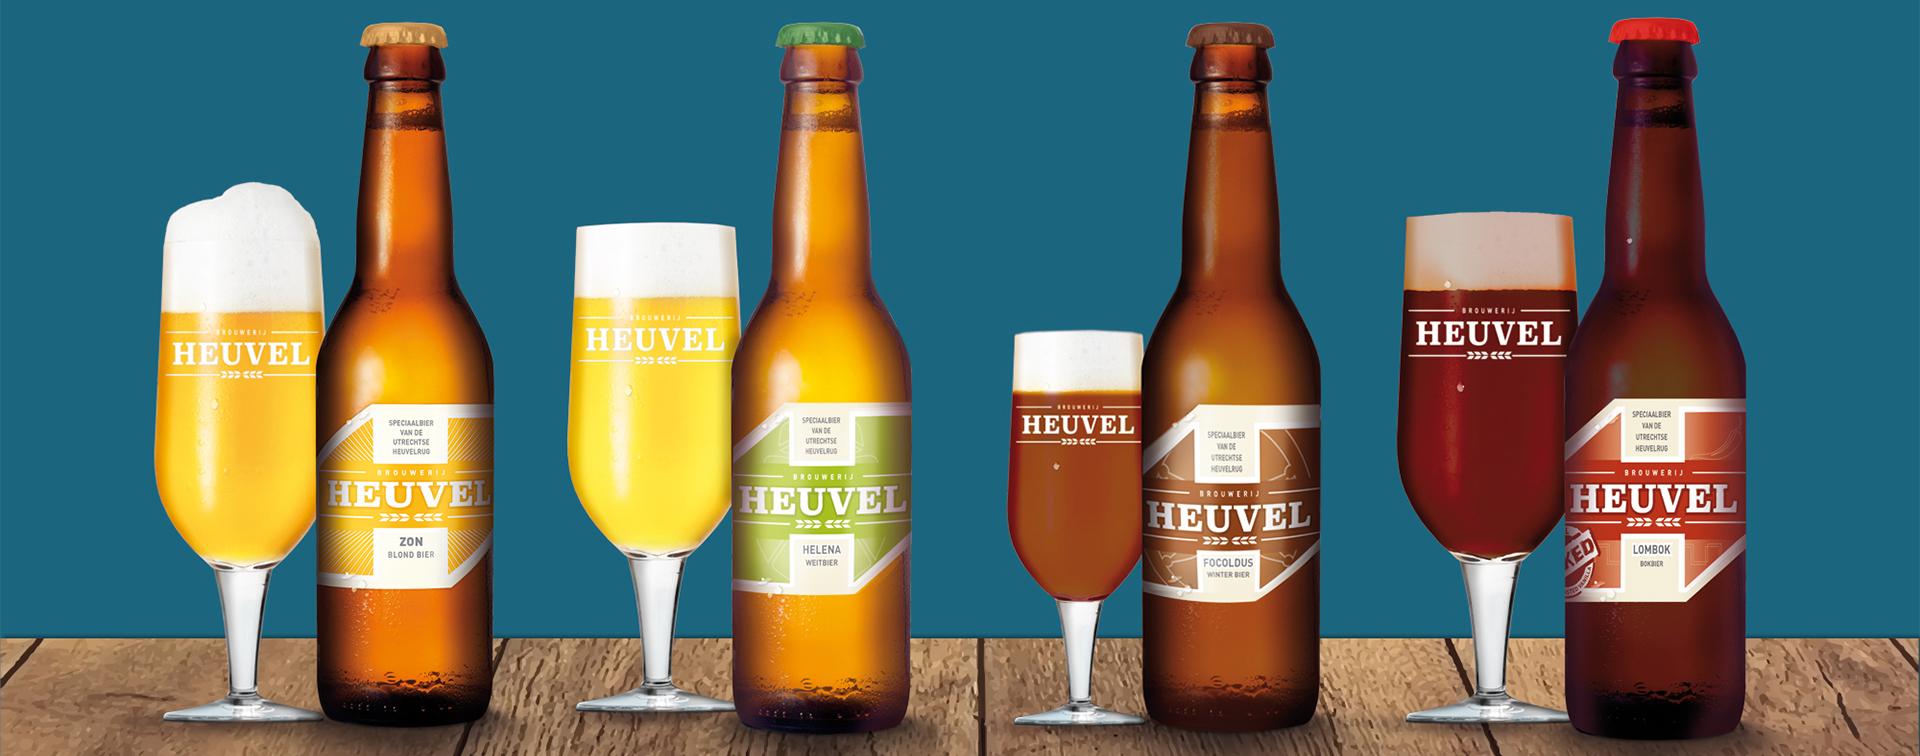 pils-bier-brouwerij-nederland-streekbier-utrechtse-heuvelrug-heuvel-foto-02